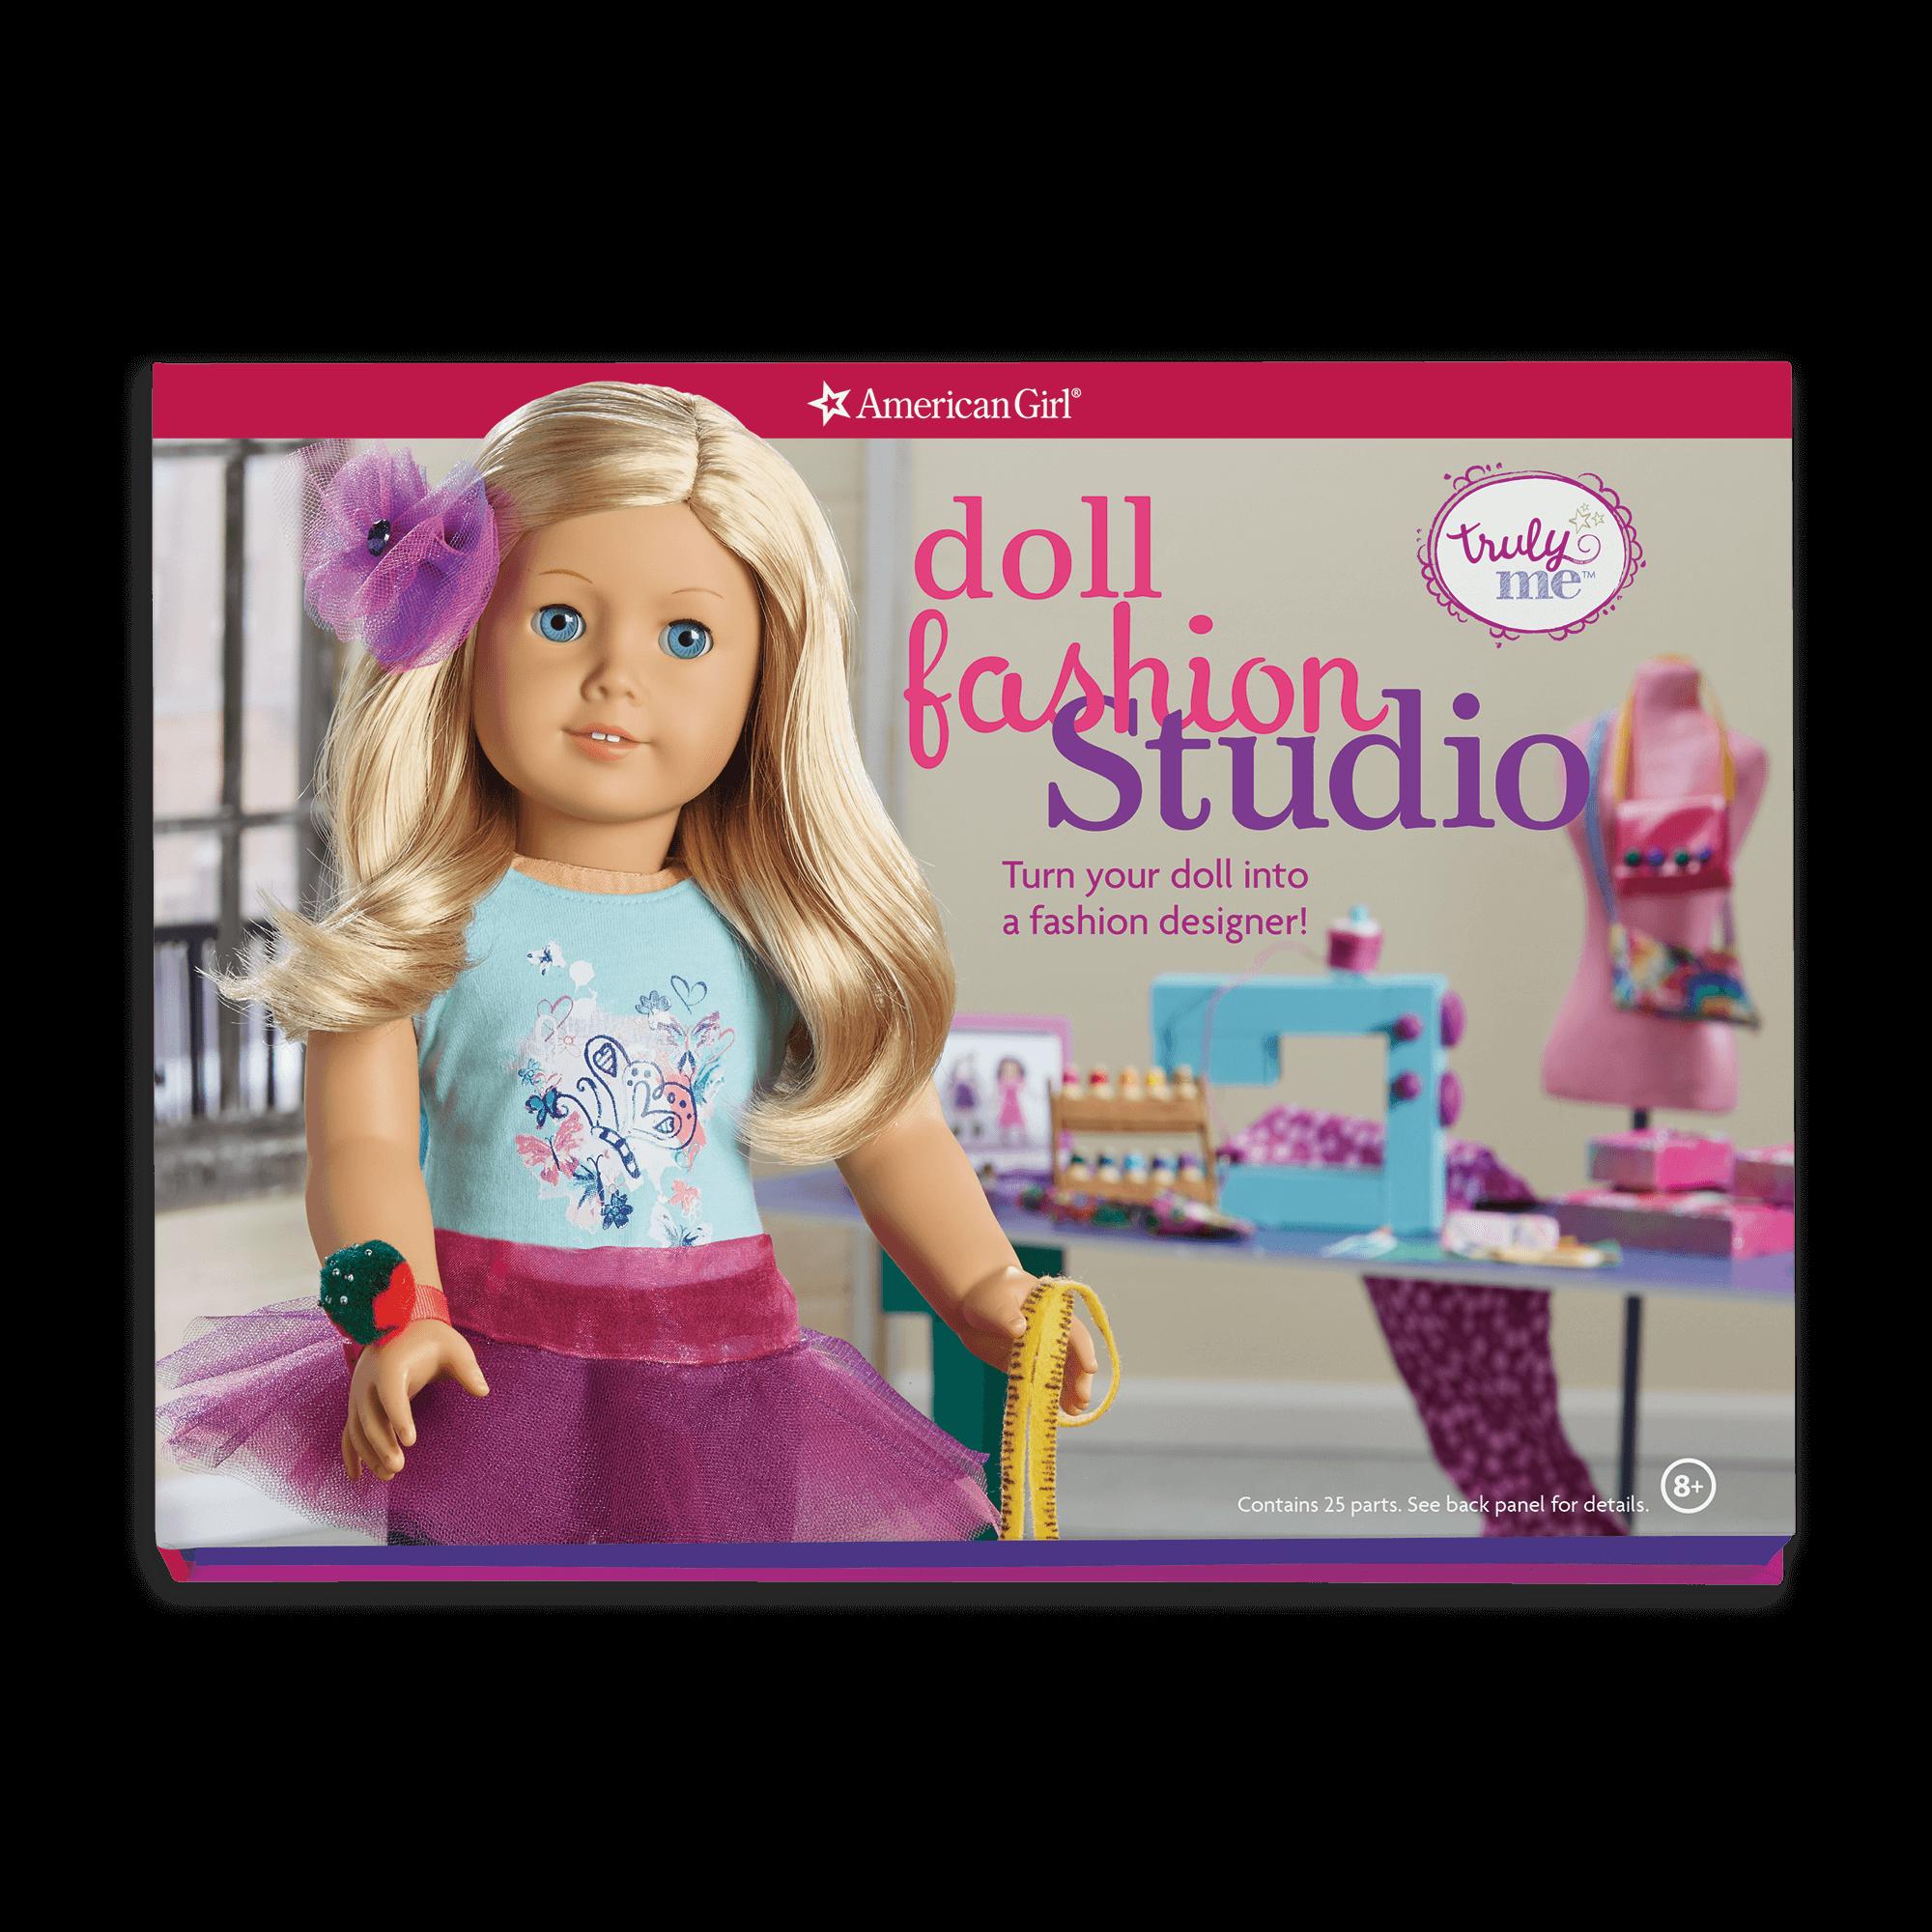 Doll Fashion Studio: Turn Your Doll into a Fashion Designer